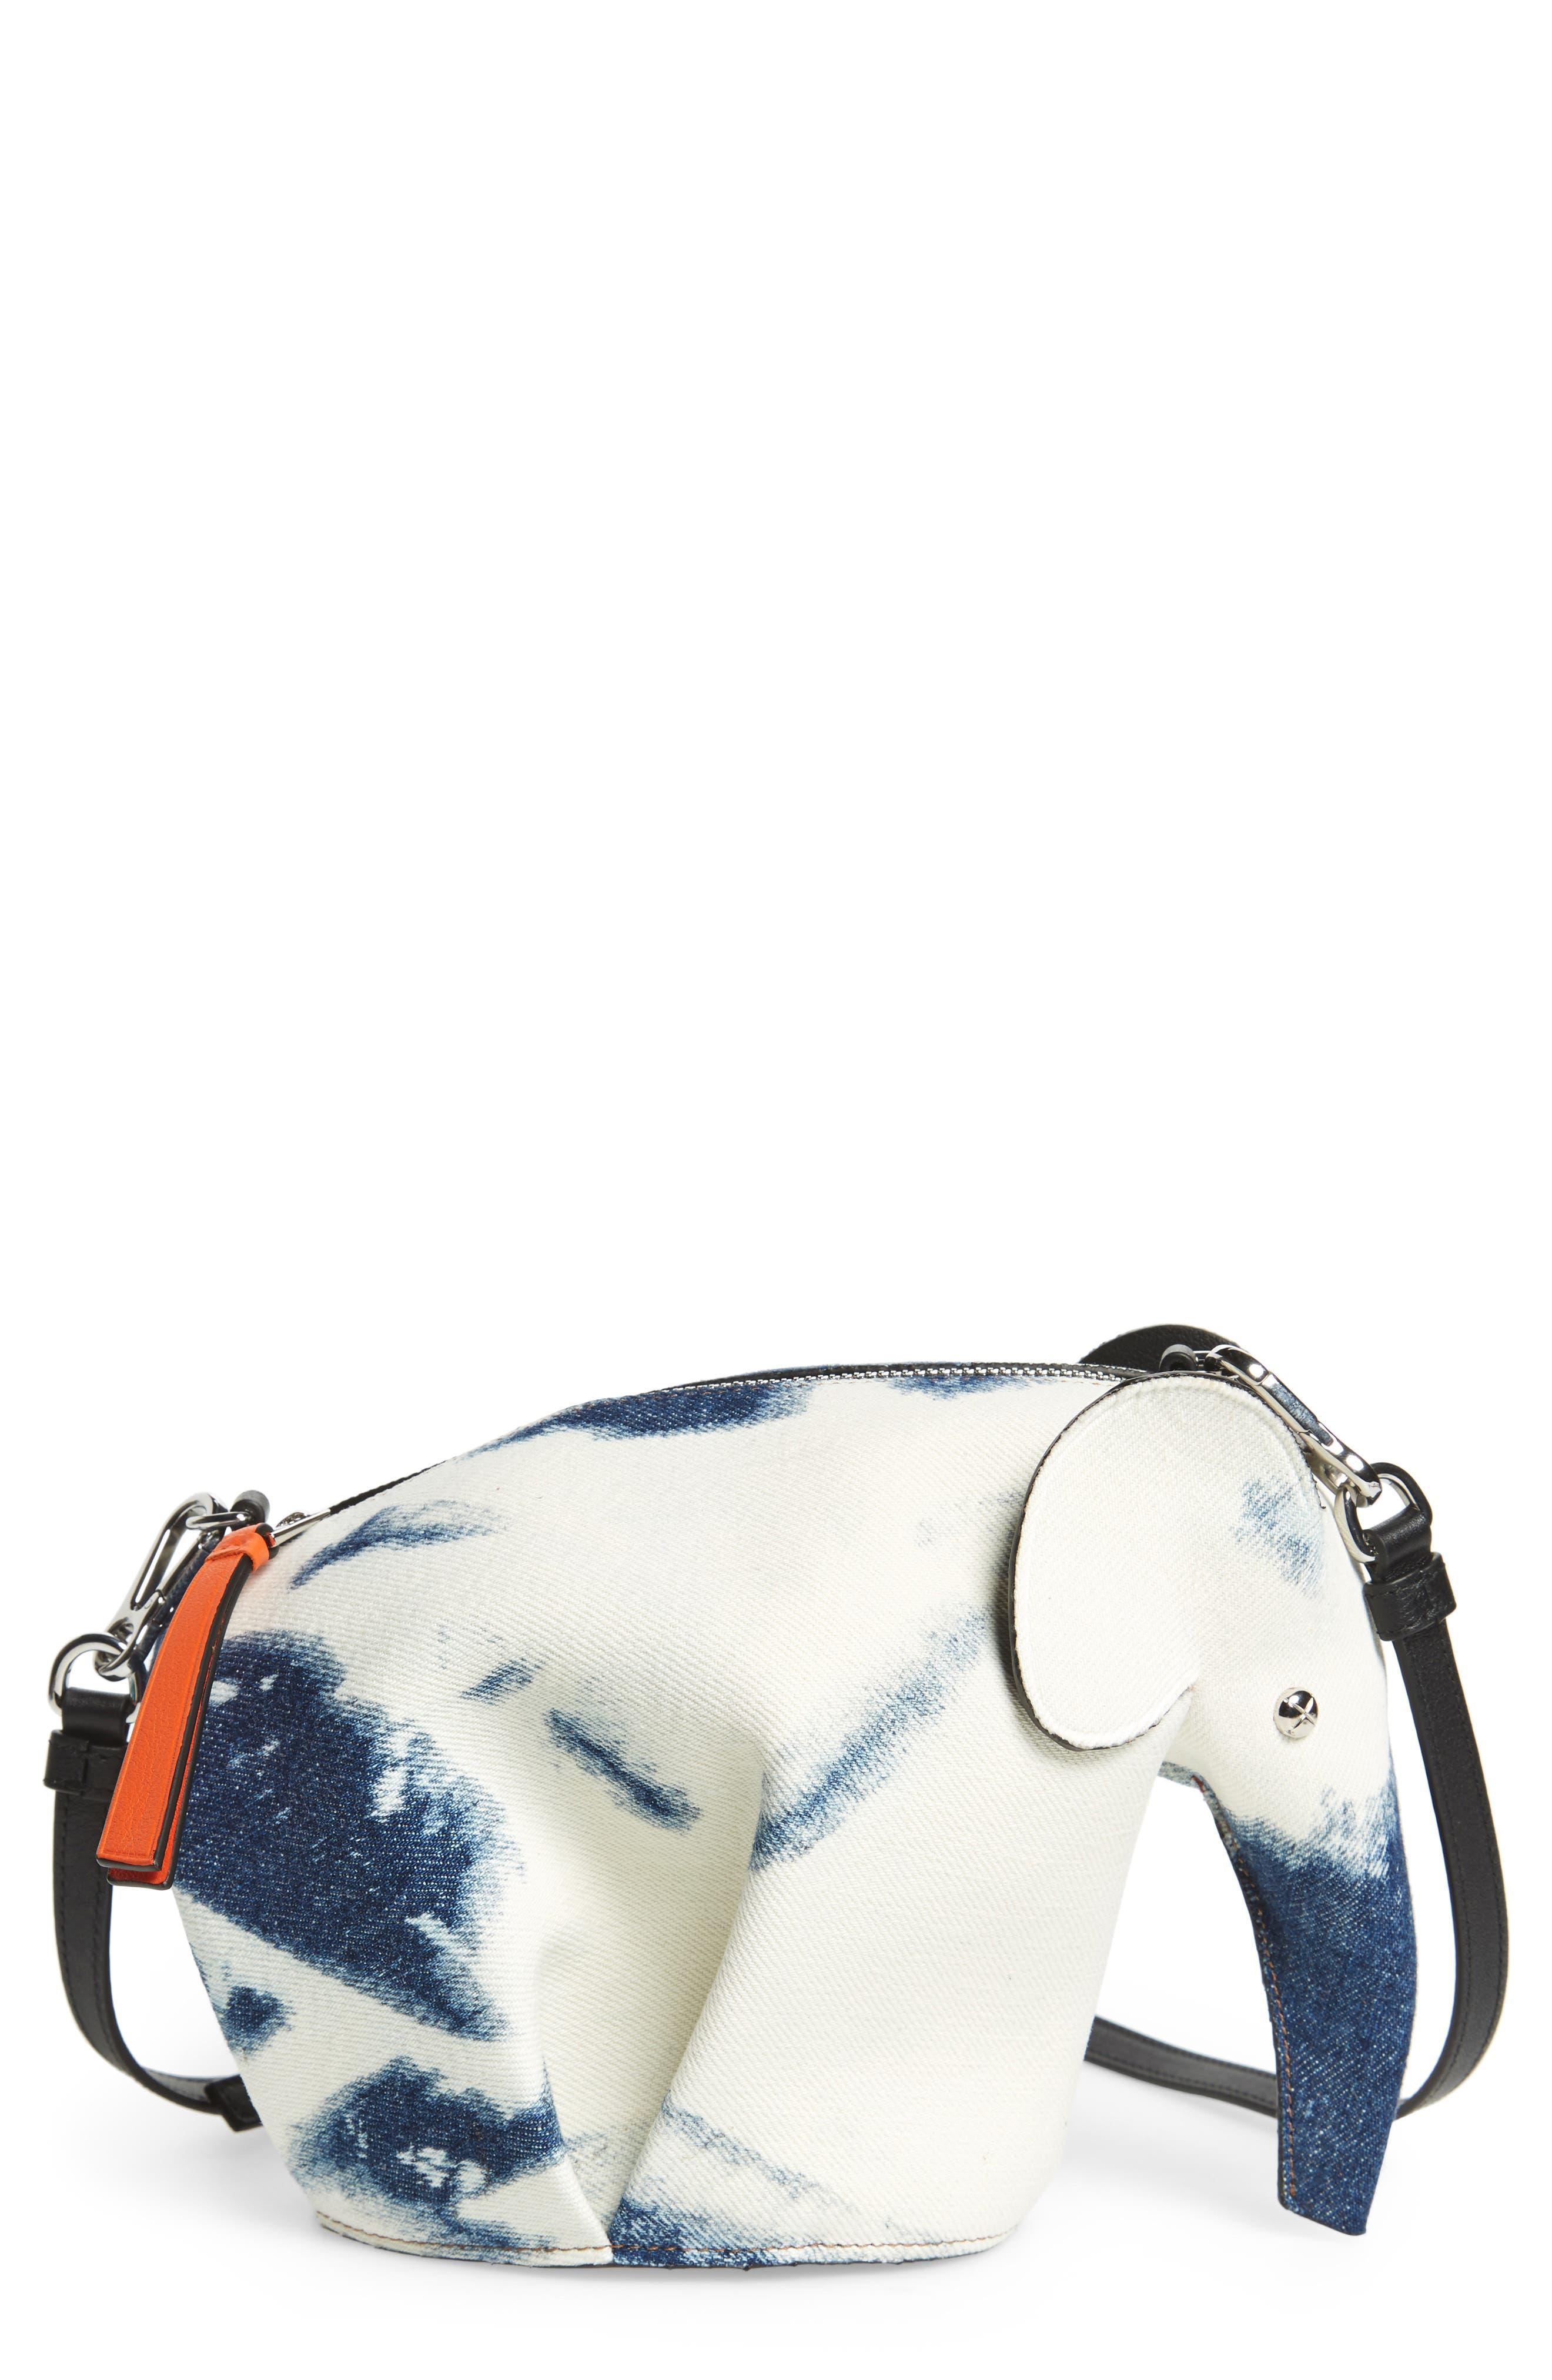 Denim Elephant Crossbody Bag,                         Main,                         color, Blue Denim/ White/ Black